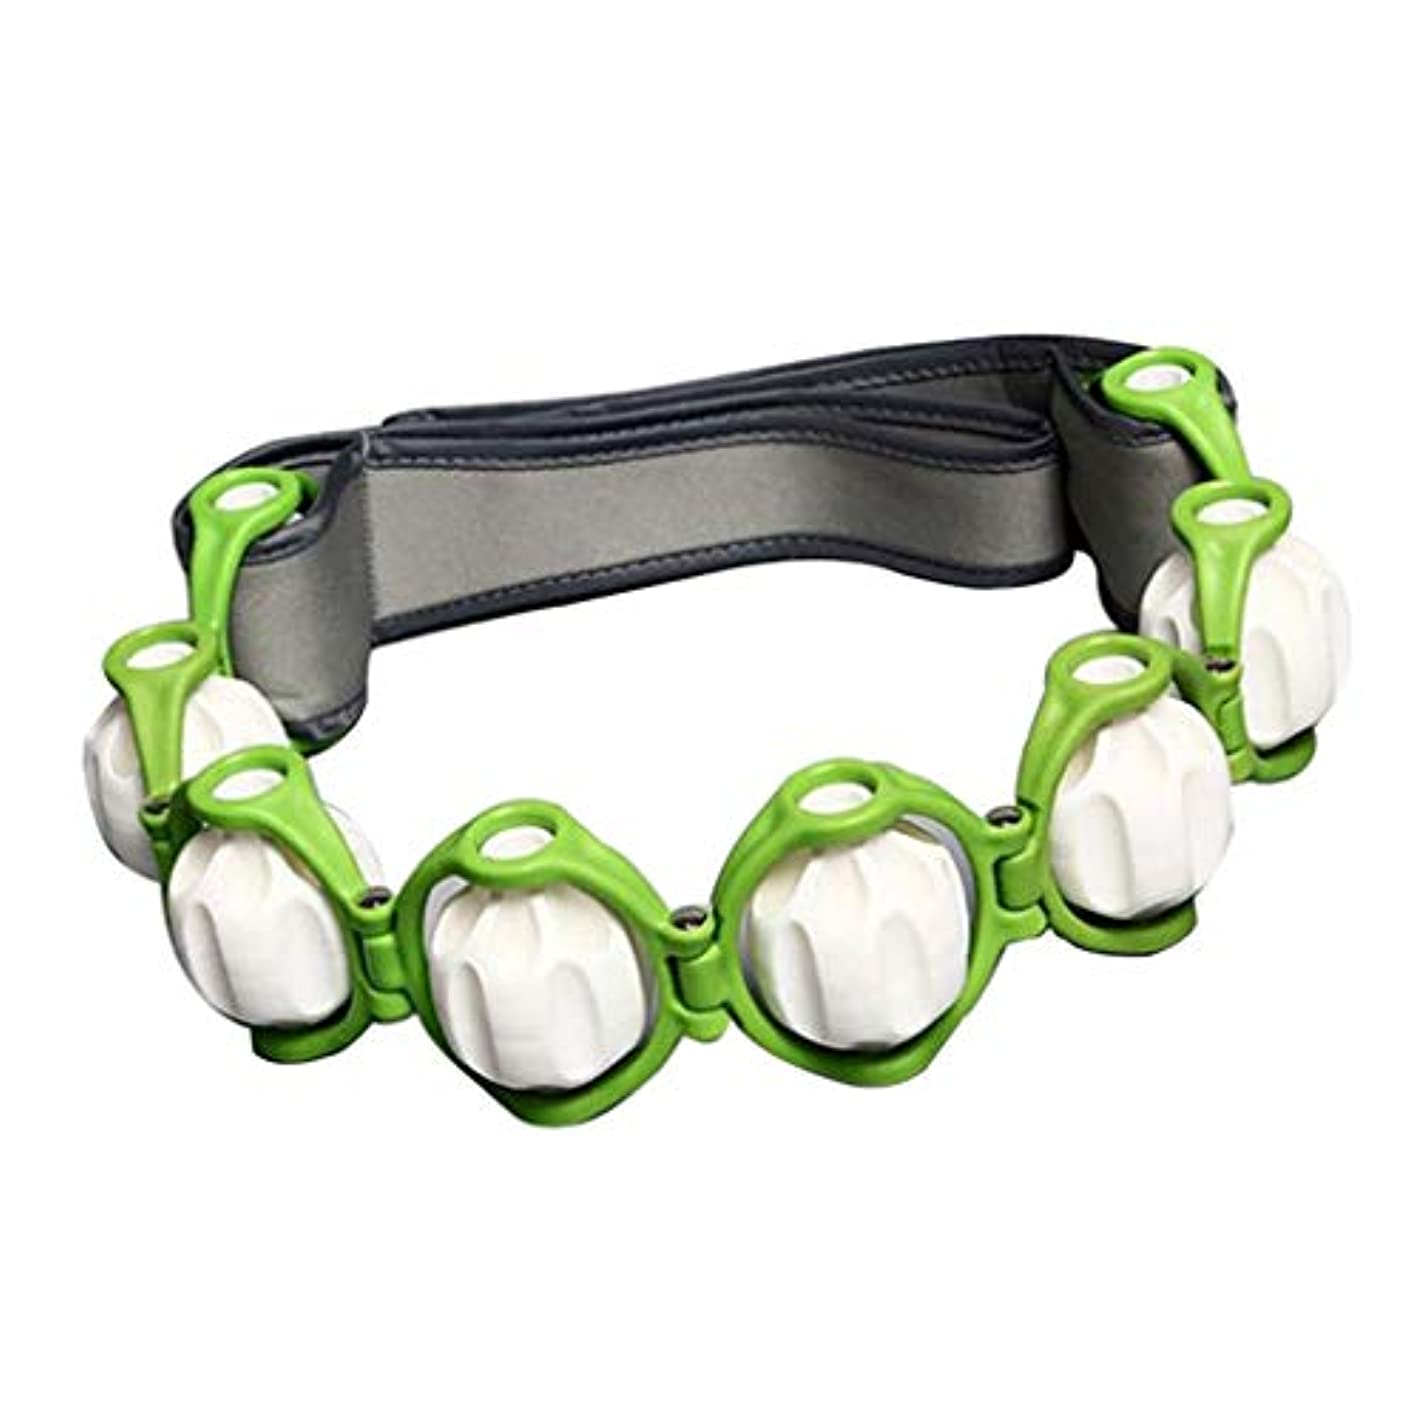 実施する荒野スリットトリガーポイントノードローリングボール付きハンドヘルドフルボディマッサージローラーロープ - 緑, 説明したように